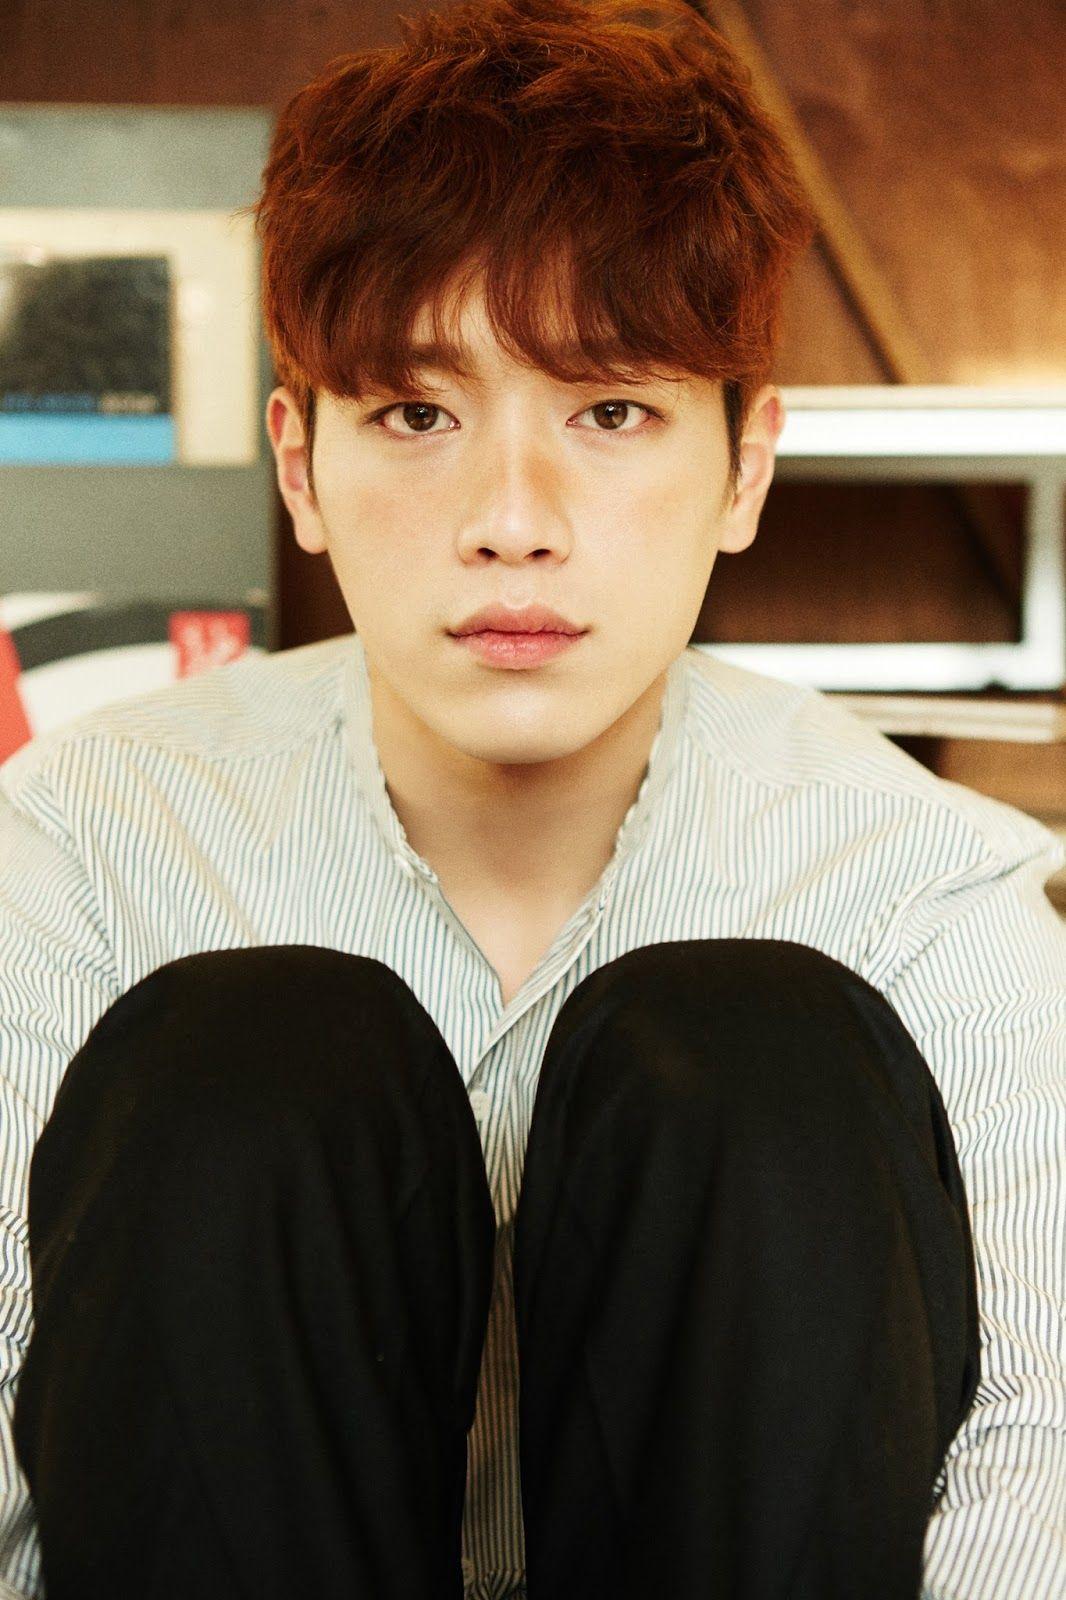 Seo Kang Joon Ceci Magazine March Issue 16 Seo Kang